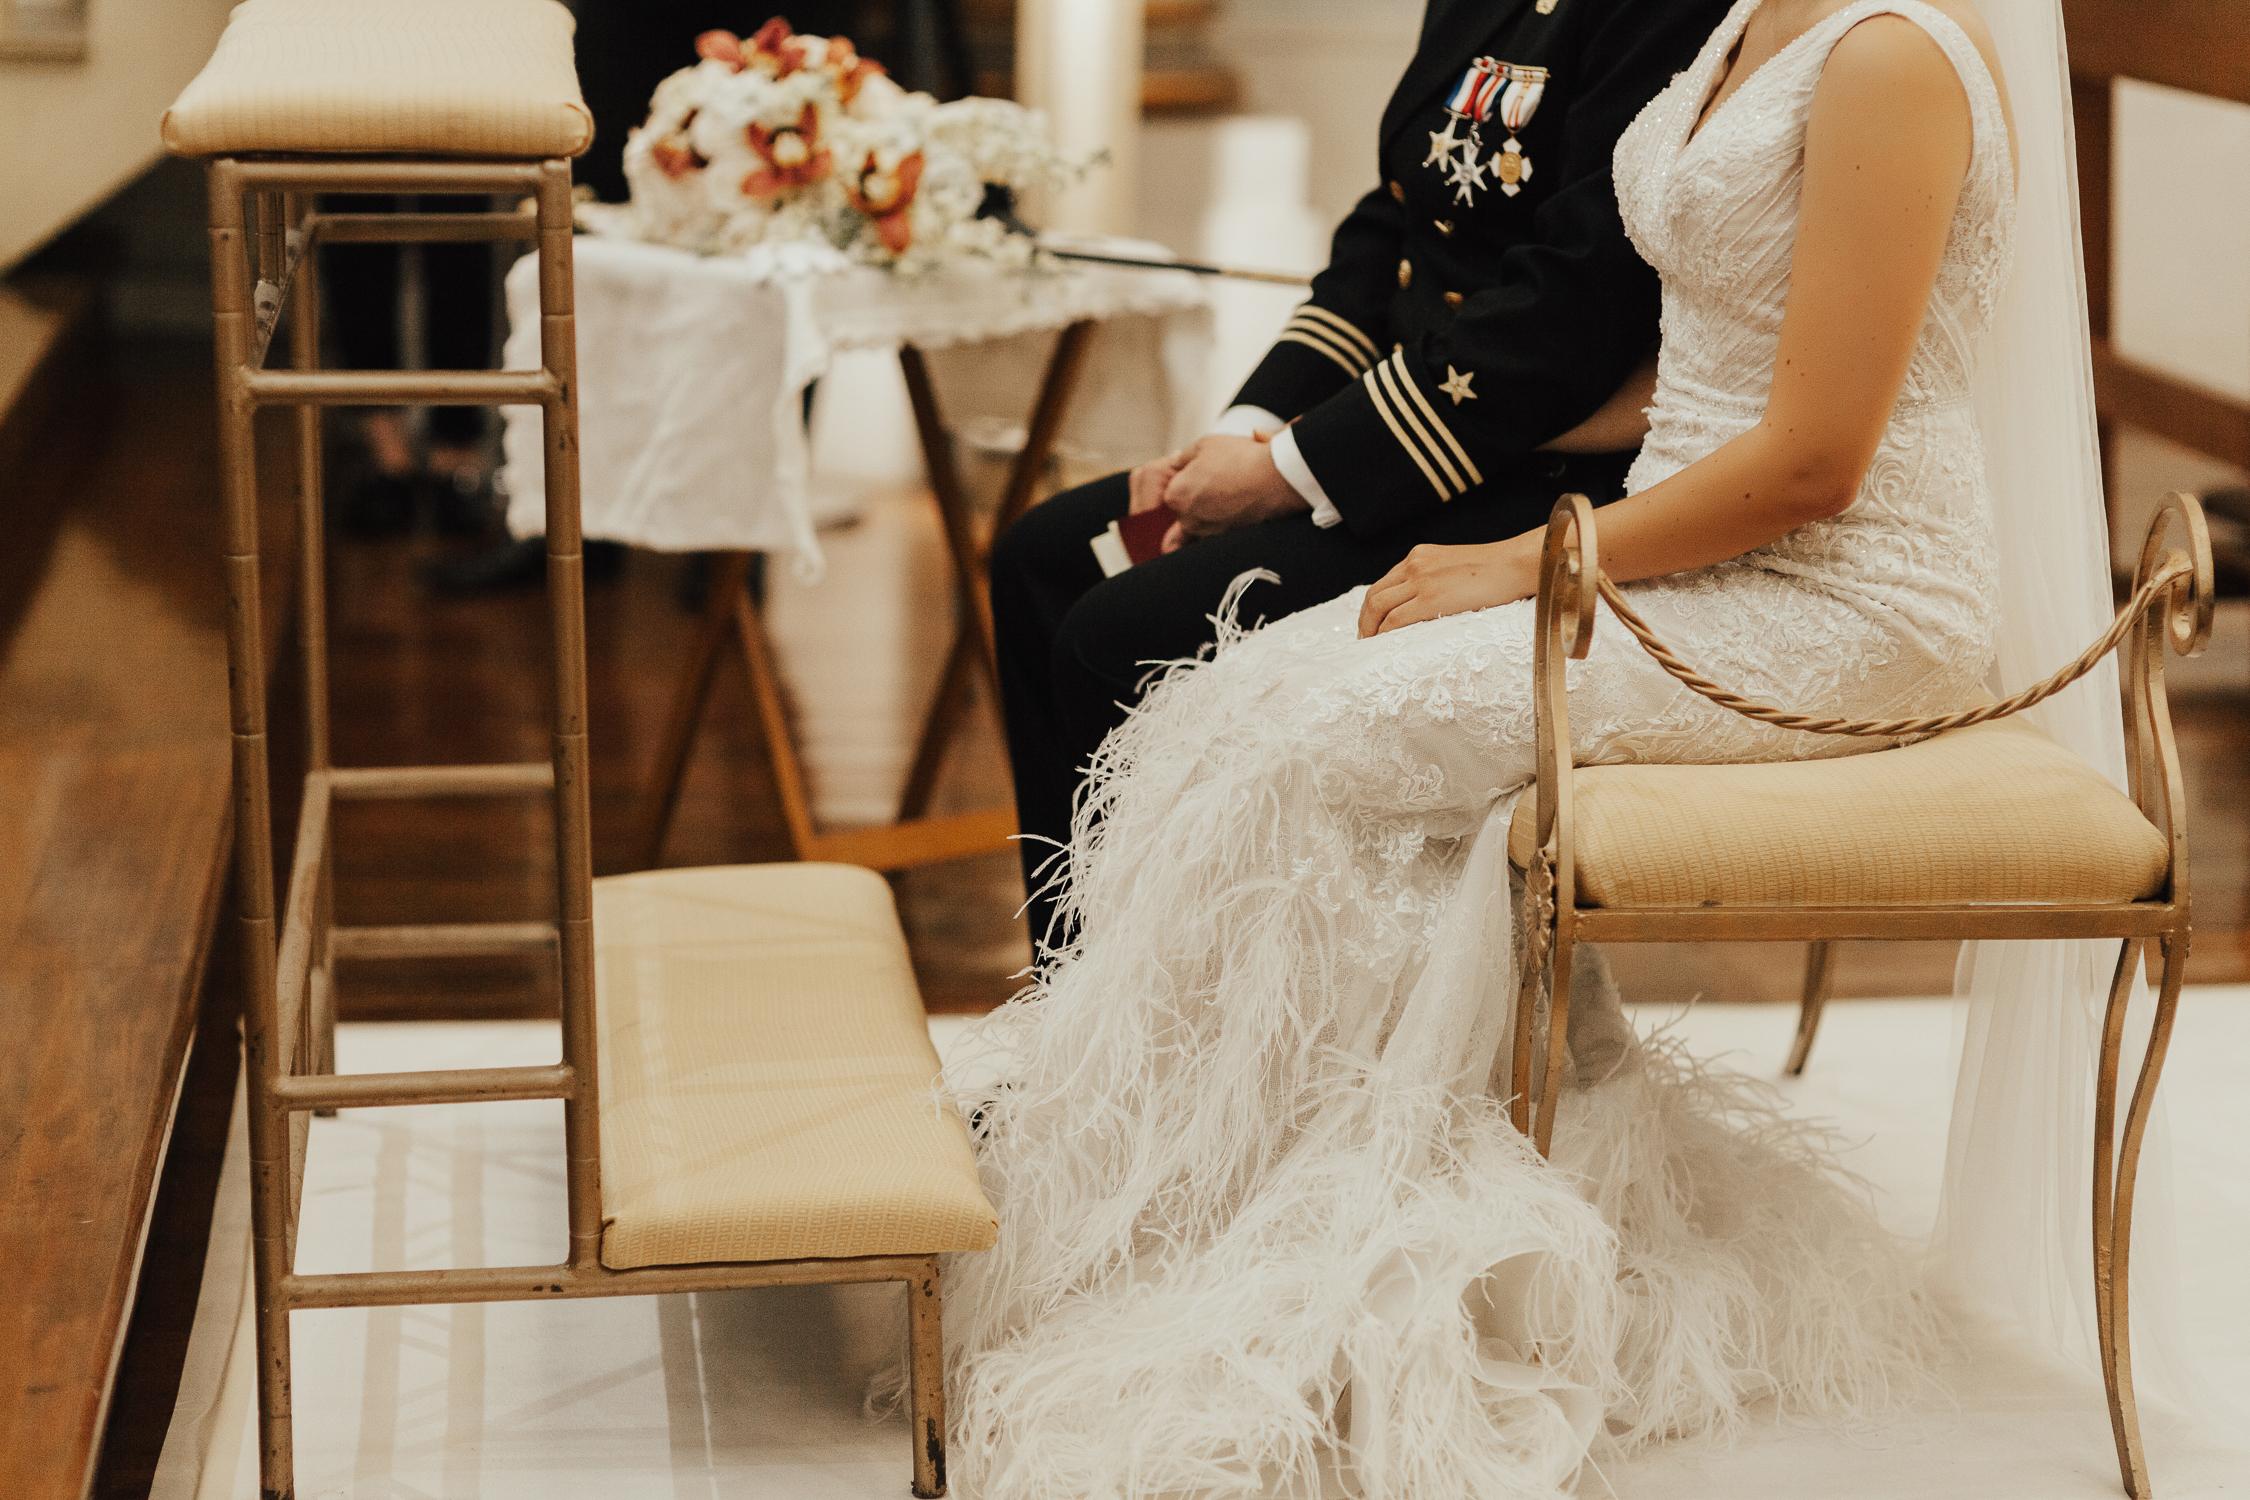 Michelle-Agurto-Fotografia-Bodas-Ecuador-Destination-Wedding-Photographer-Ecuador-Mercedes-Alvaro-66.JPG